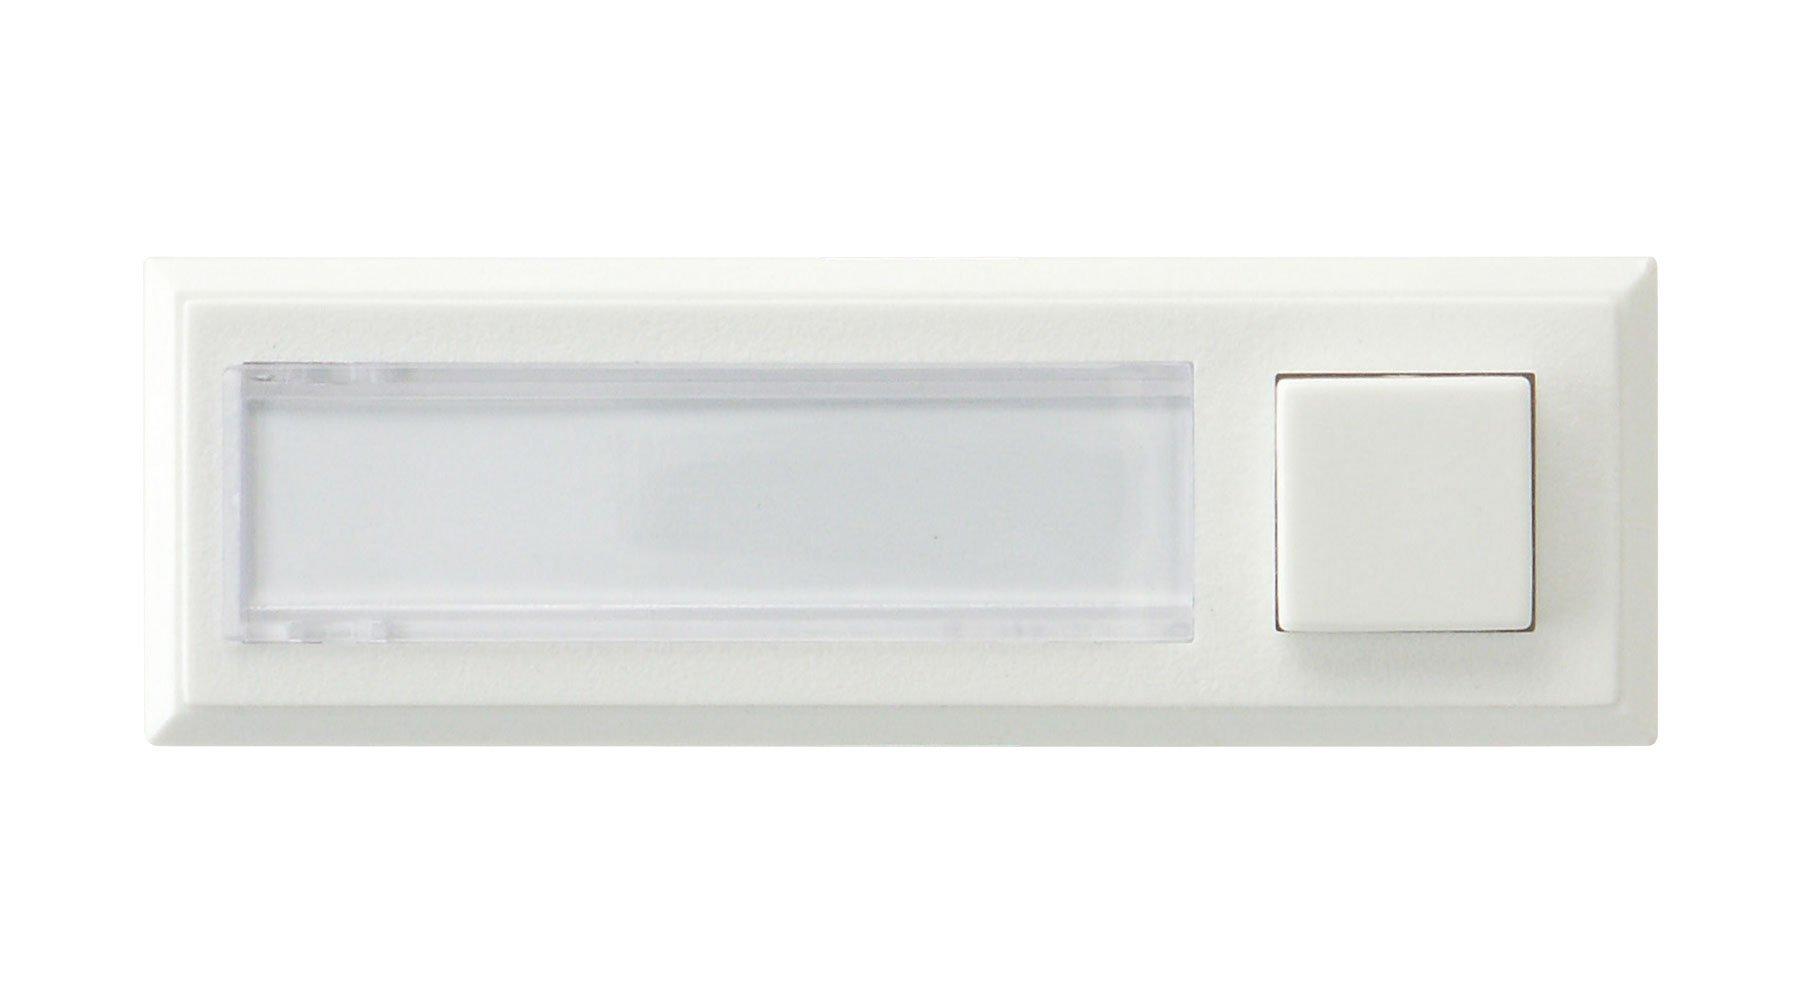 REV Ritter 0504215555 Illuminated Bell Panel, White